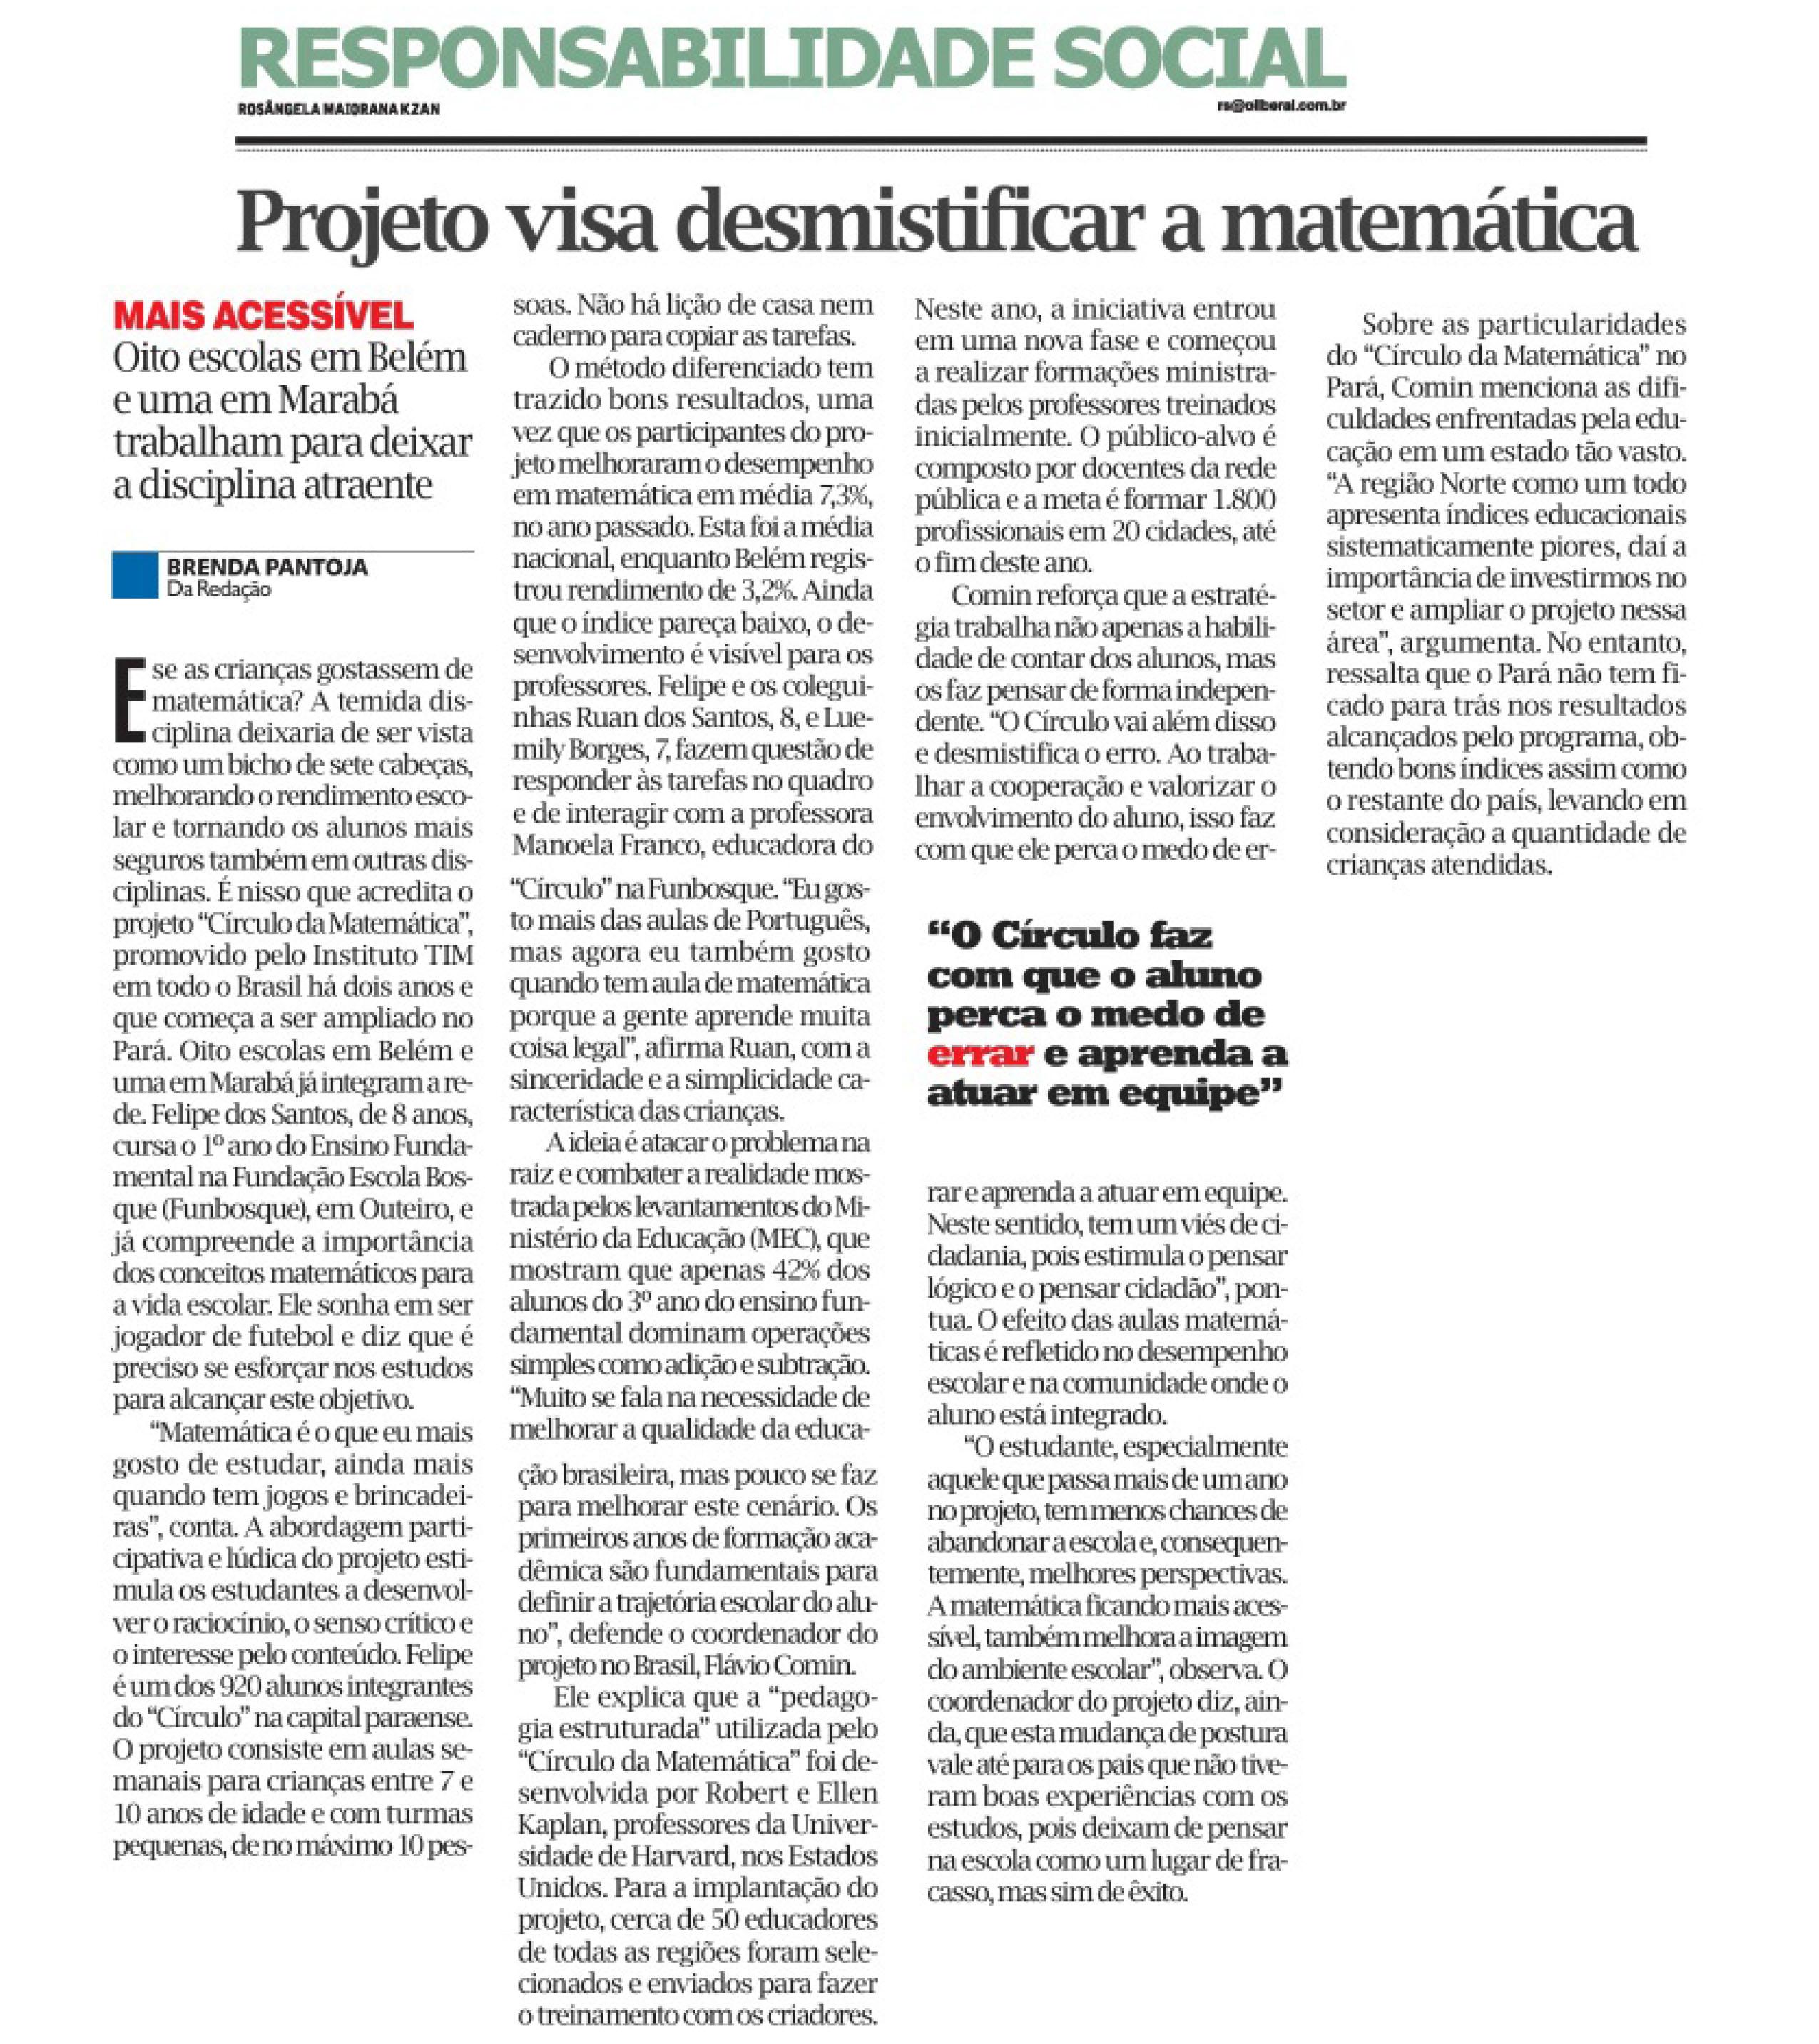 17_09_2015 O LIBERAL Projeto visa desmistificar a matemática parte 1